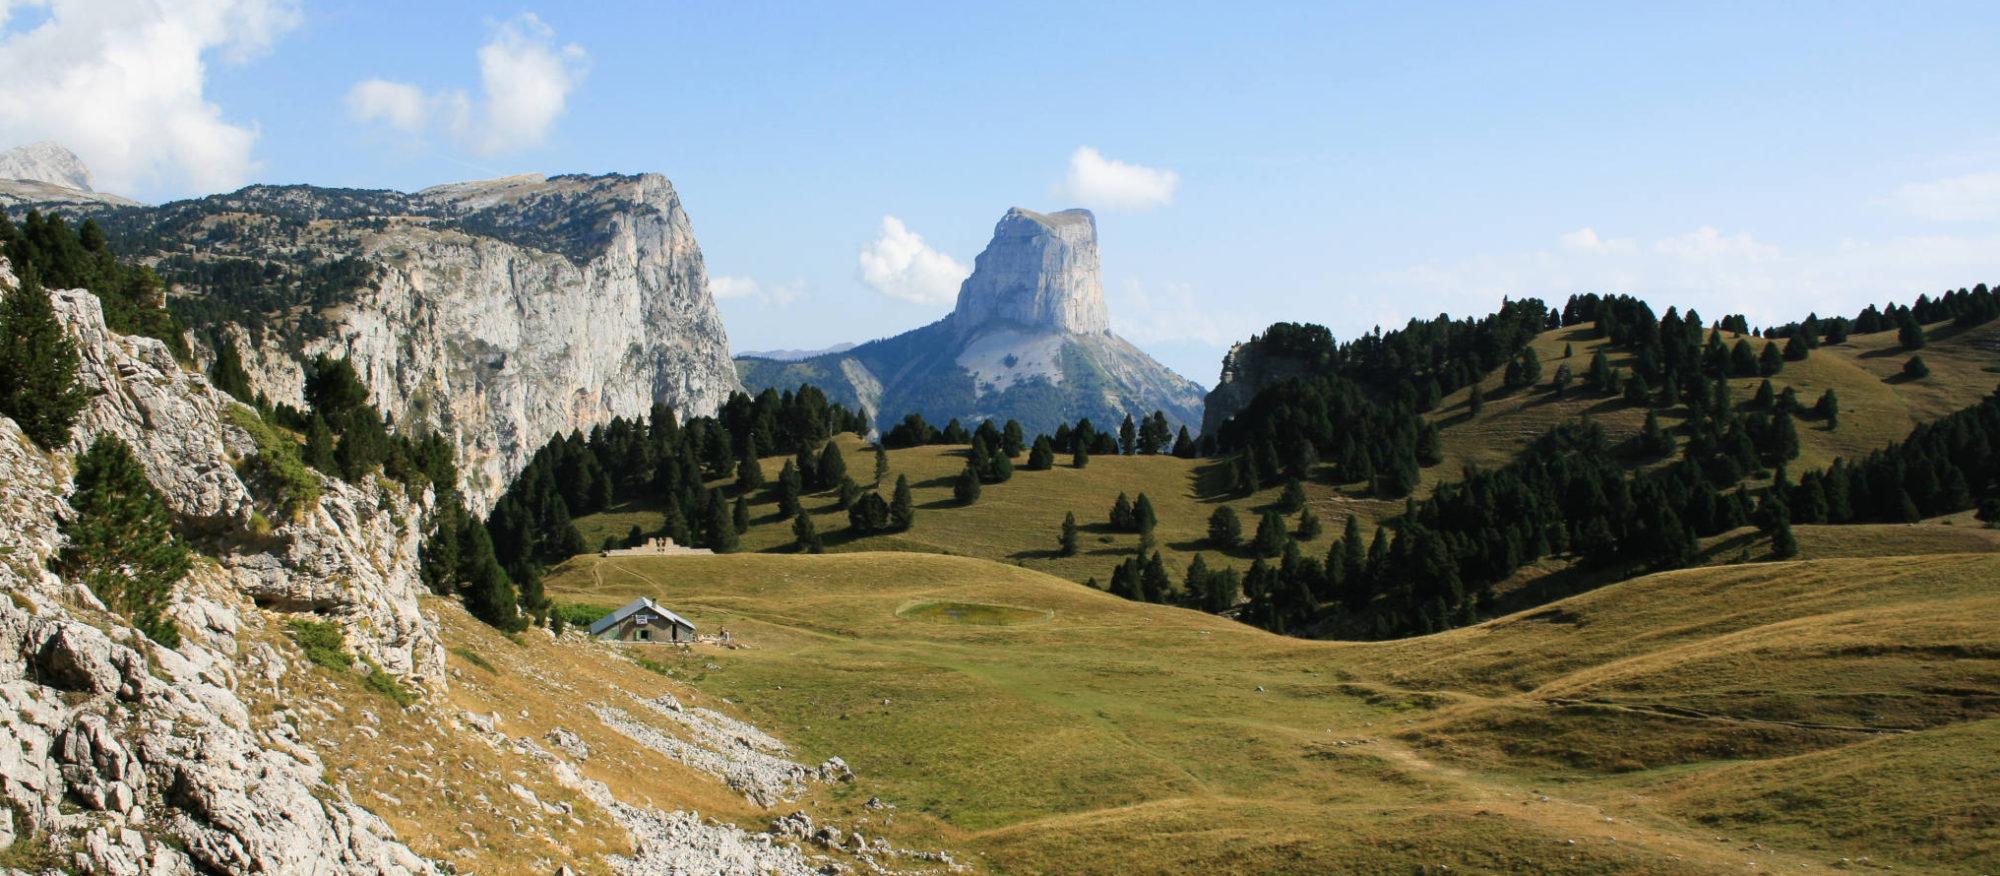 Randonnée en liberté dans le Vercors : le Mont Aiguille vue des Hauts Plateaux du Parc Régional du Vercors